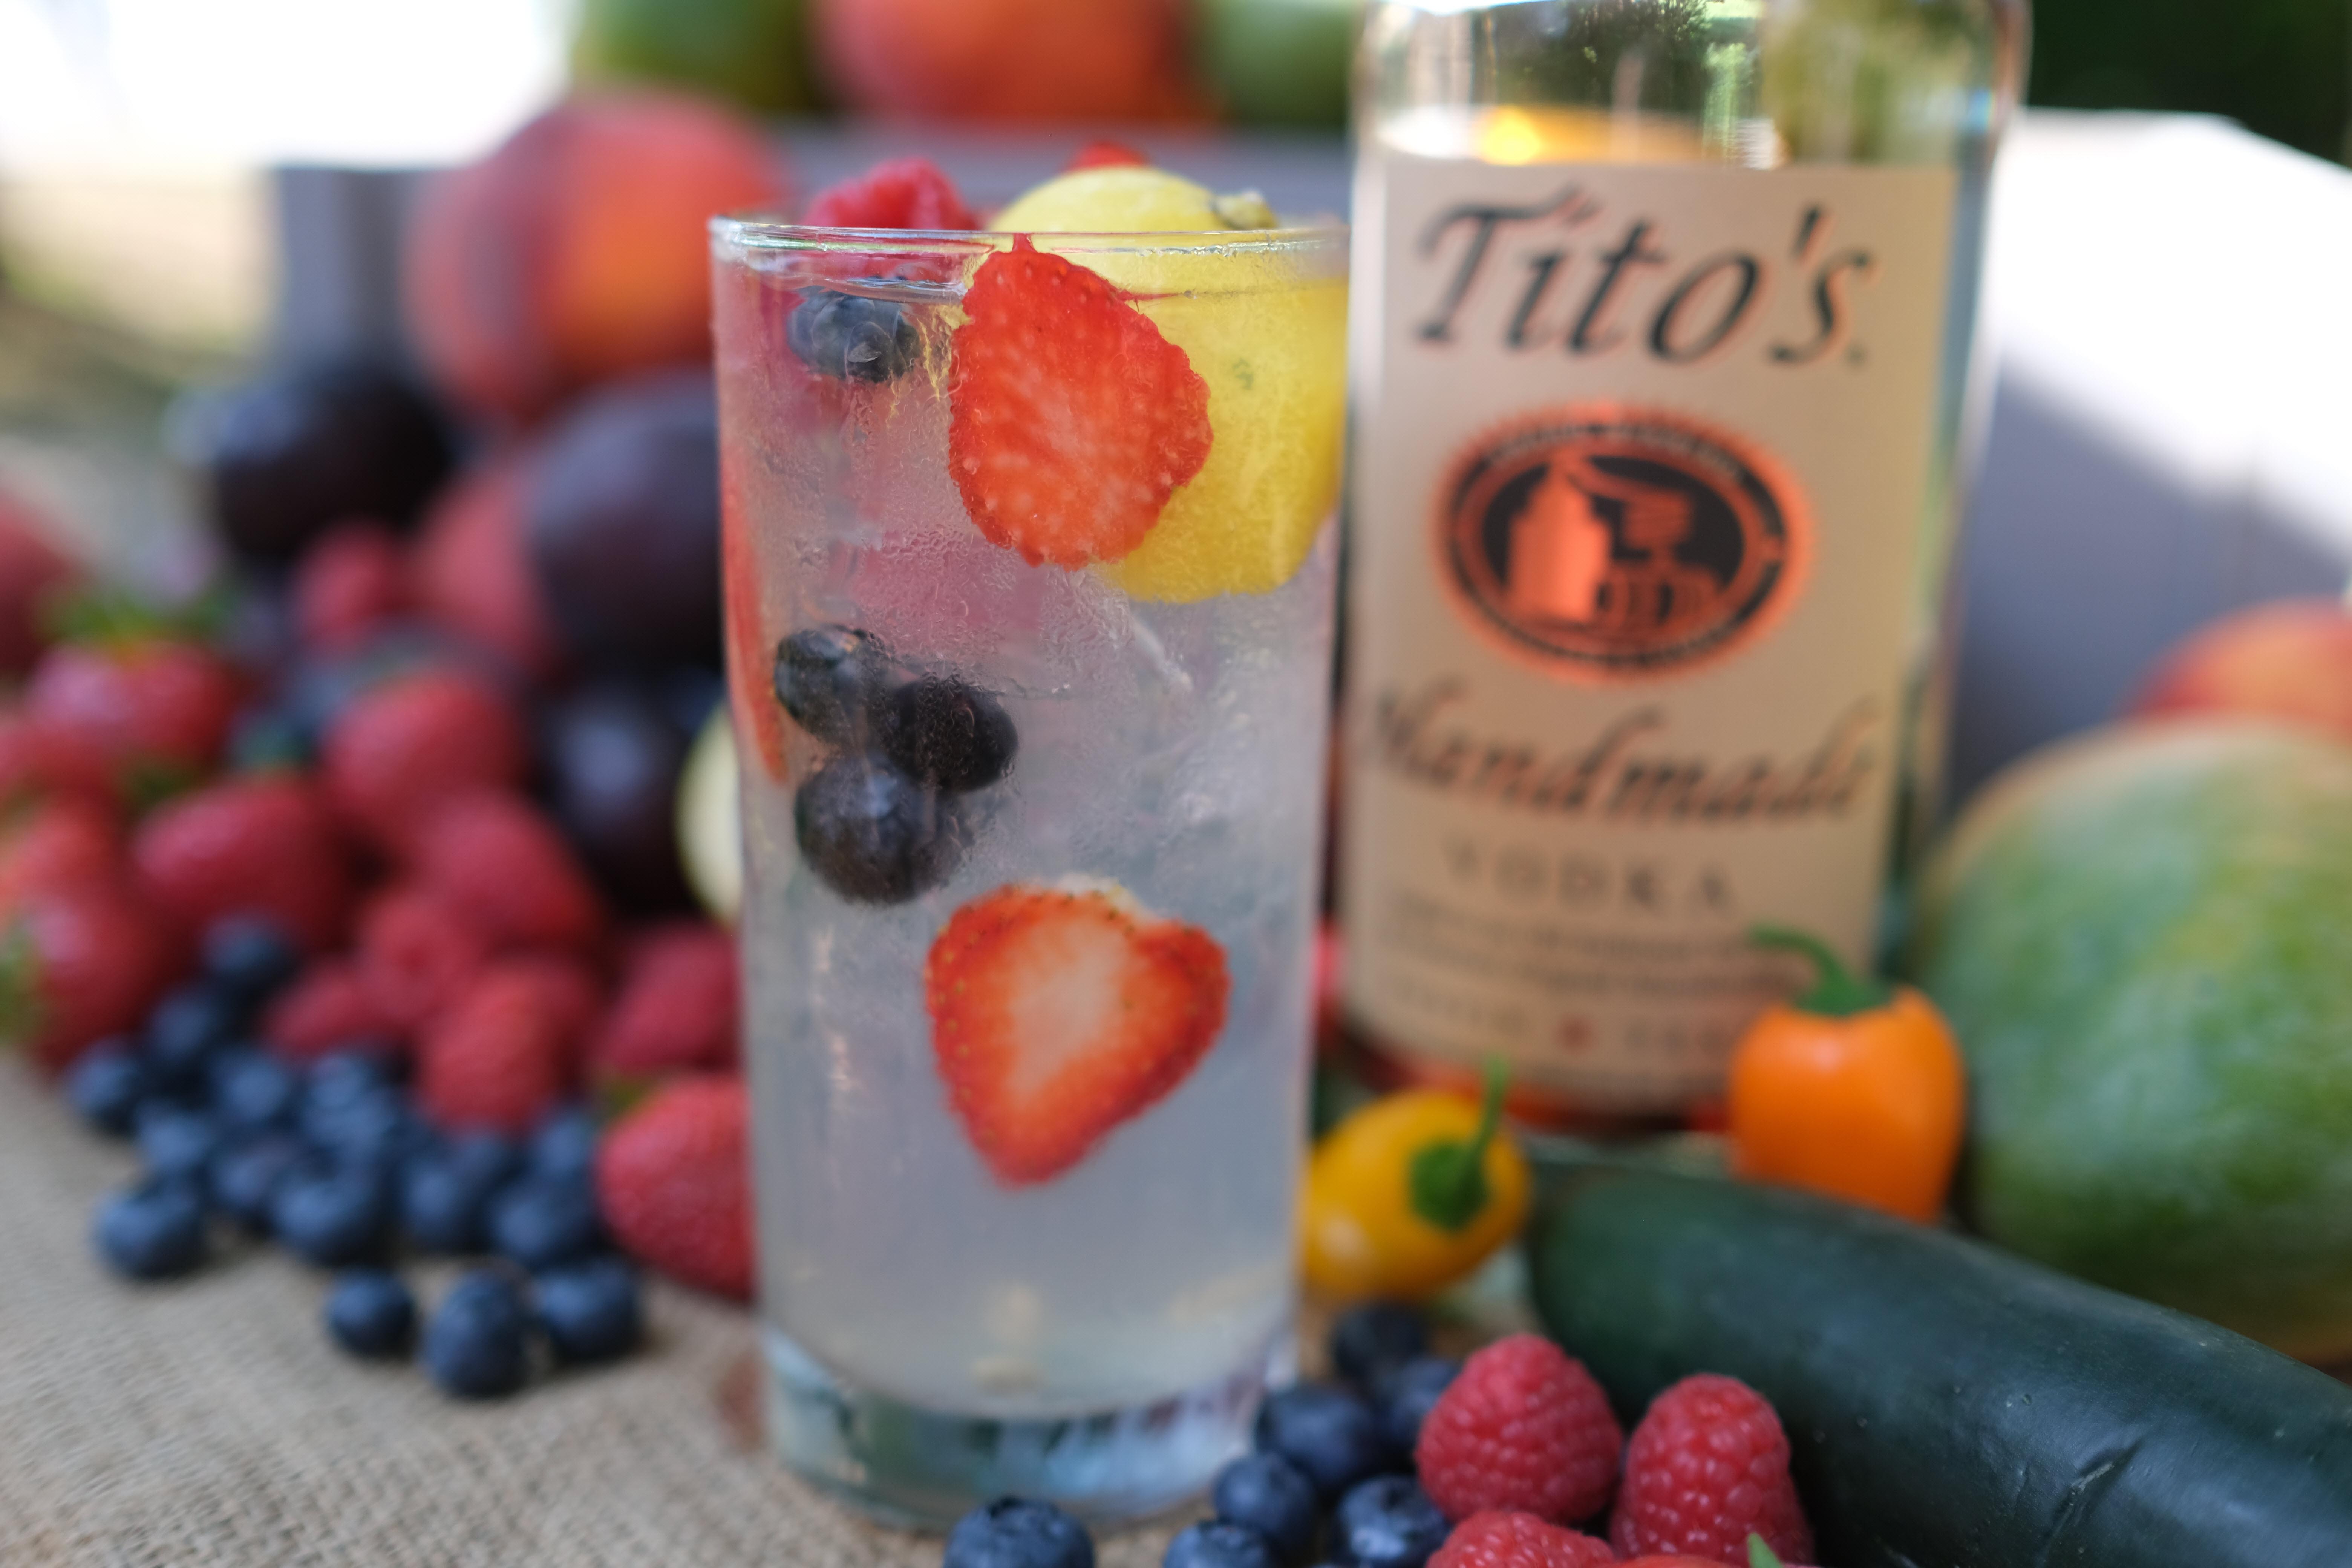 Tito's Berry Lemonade